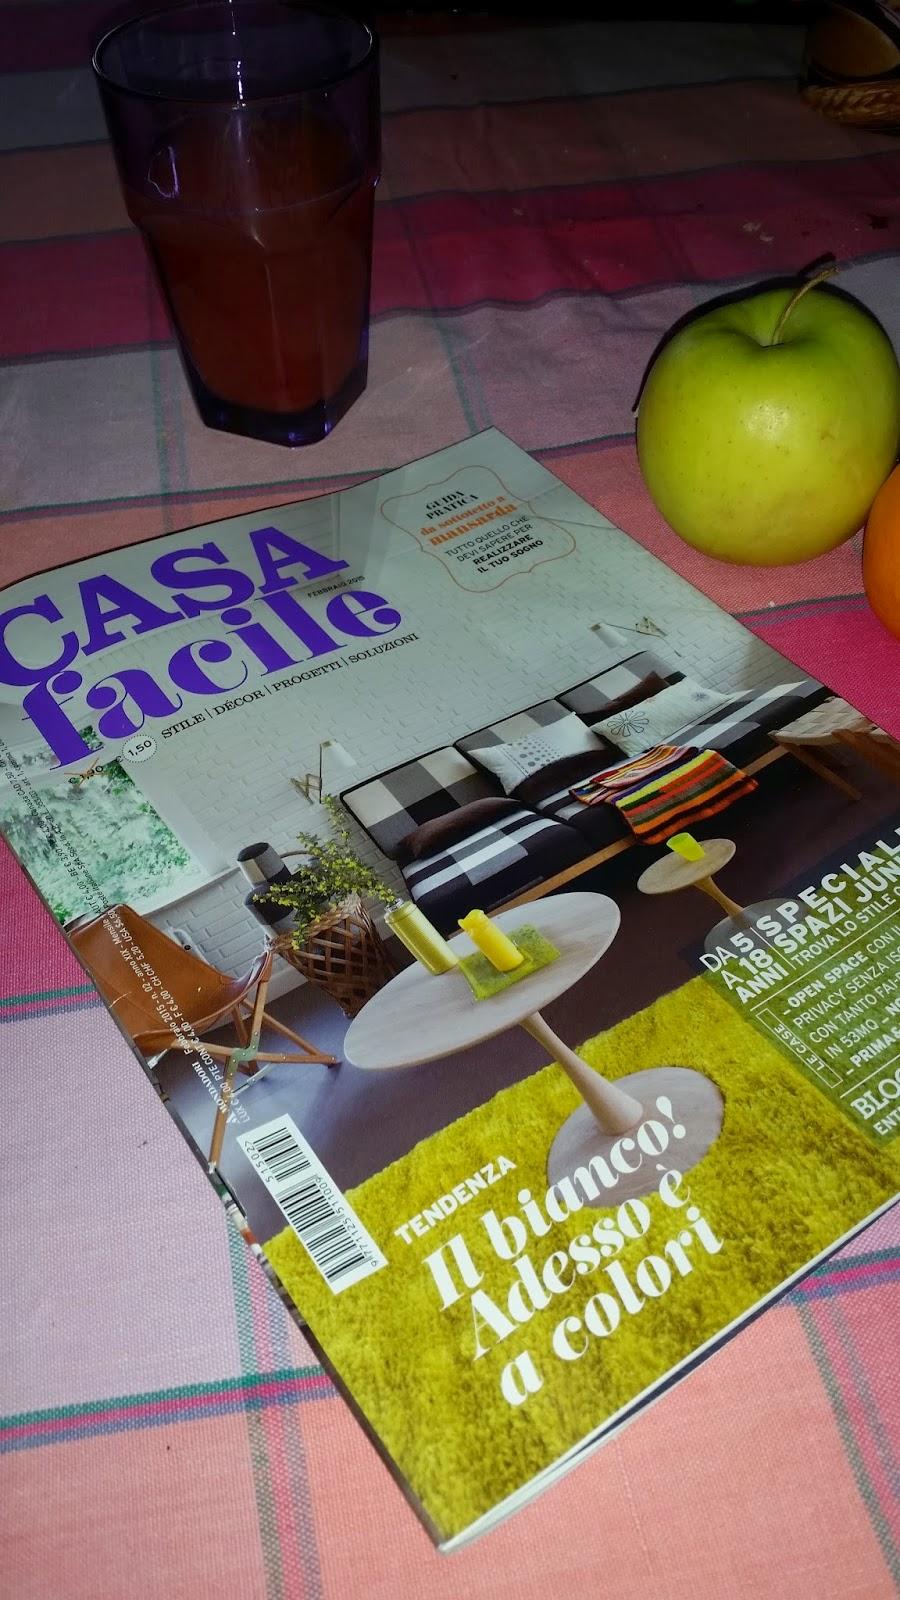 http://www.passaparolablog.com/2015/02/perche-amo-casa-facile.html